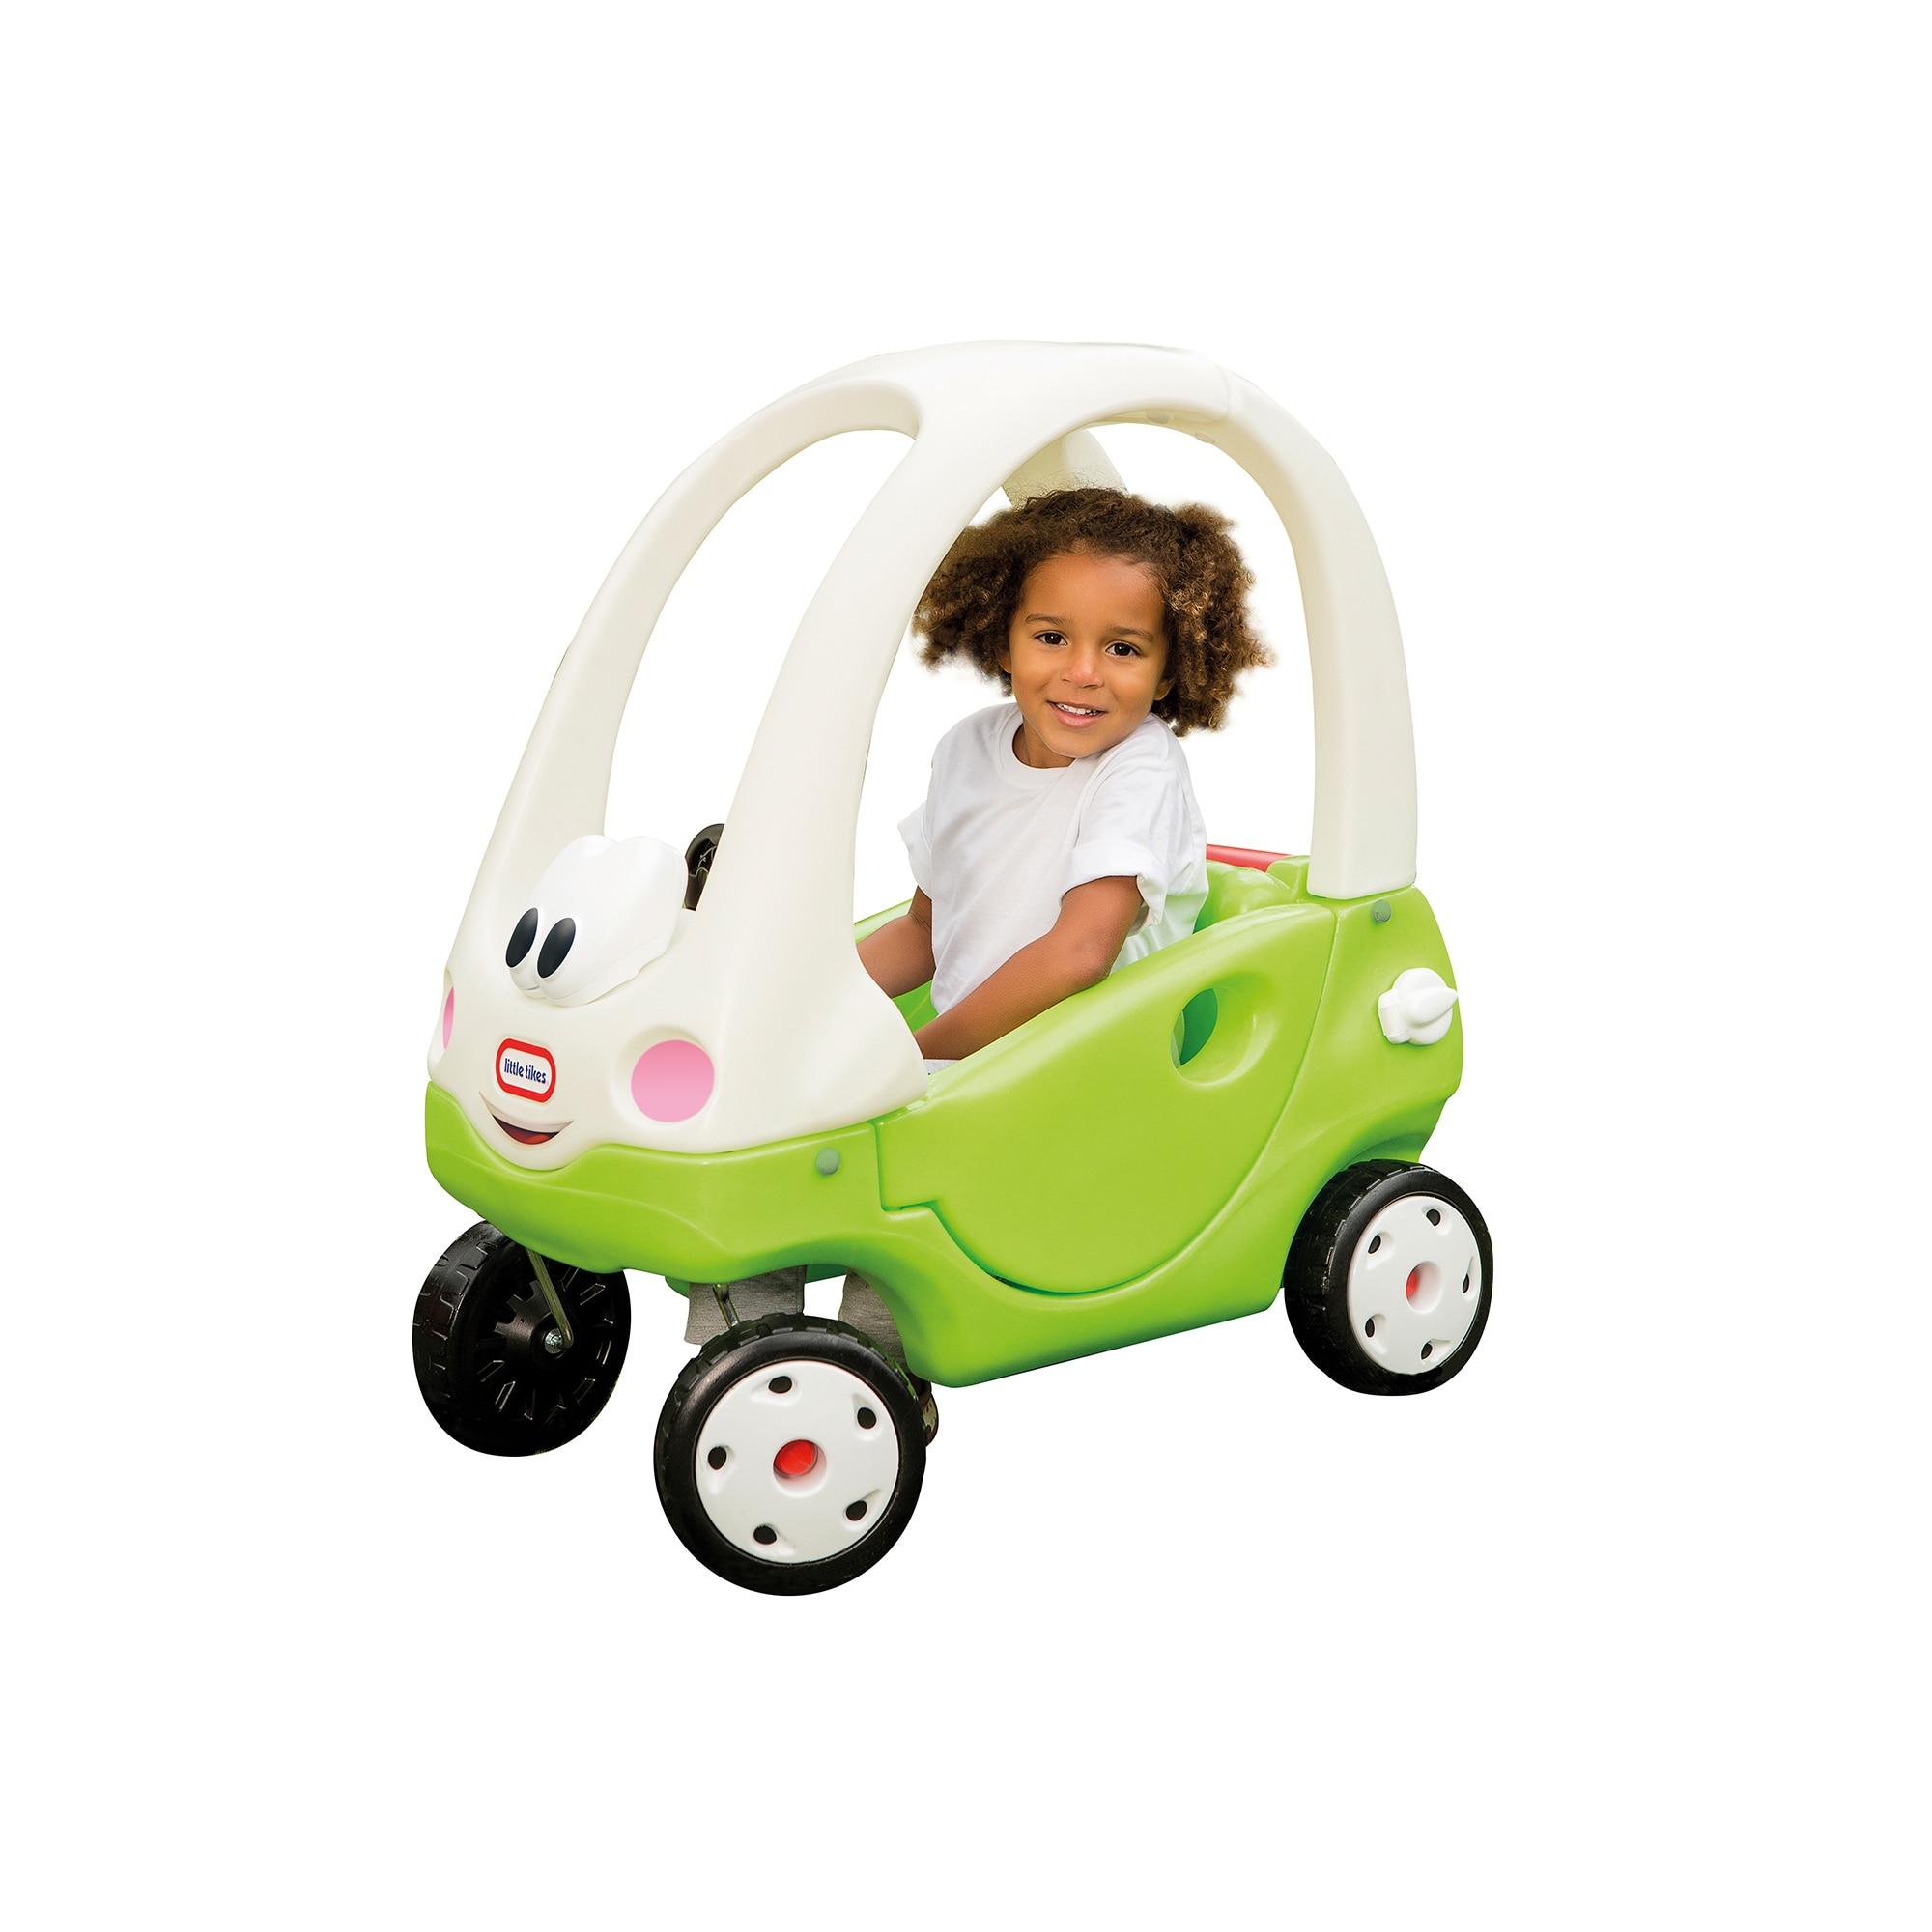 Fotografie Masinuta pentru copii Little Tikes, Cozy Coupe, Verde